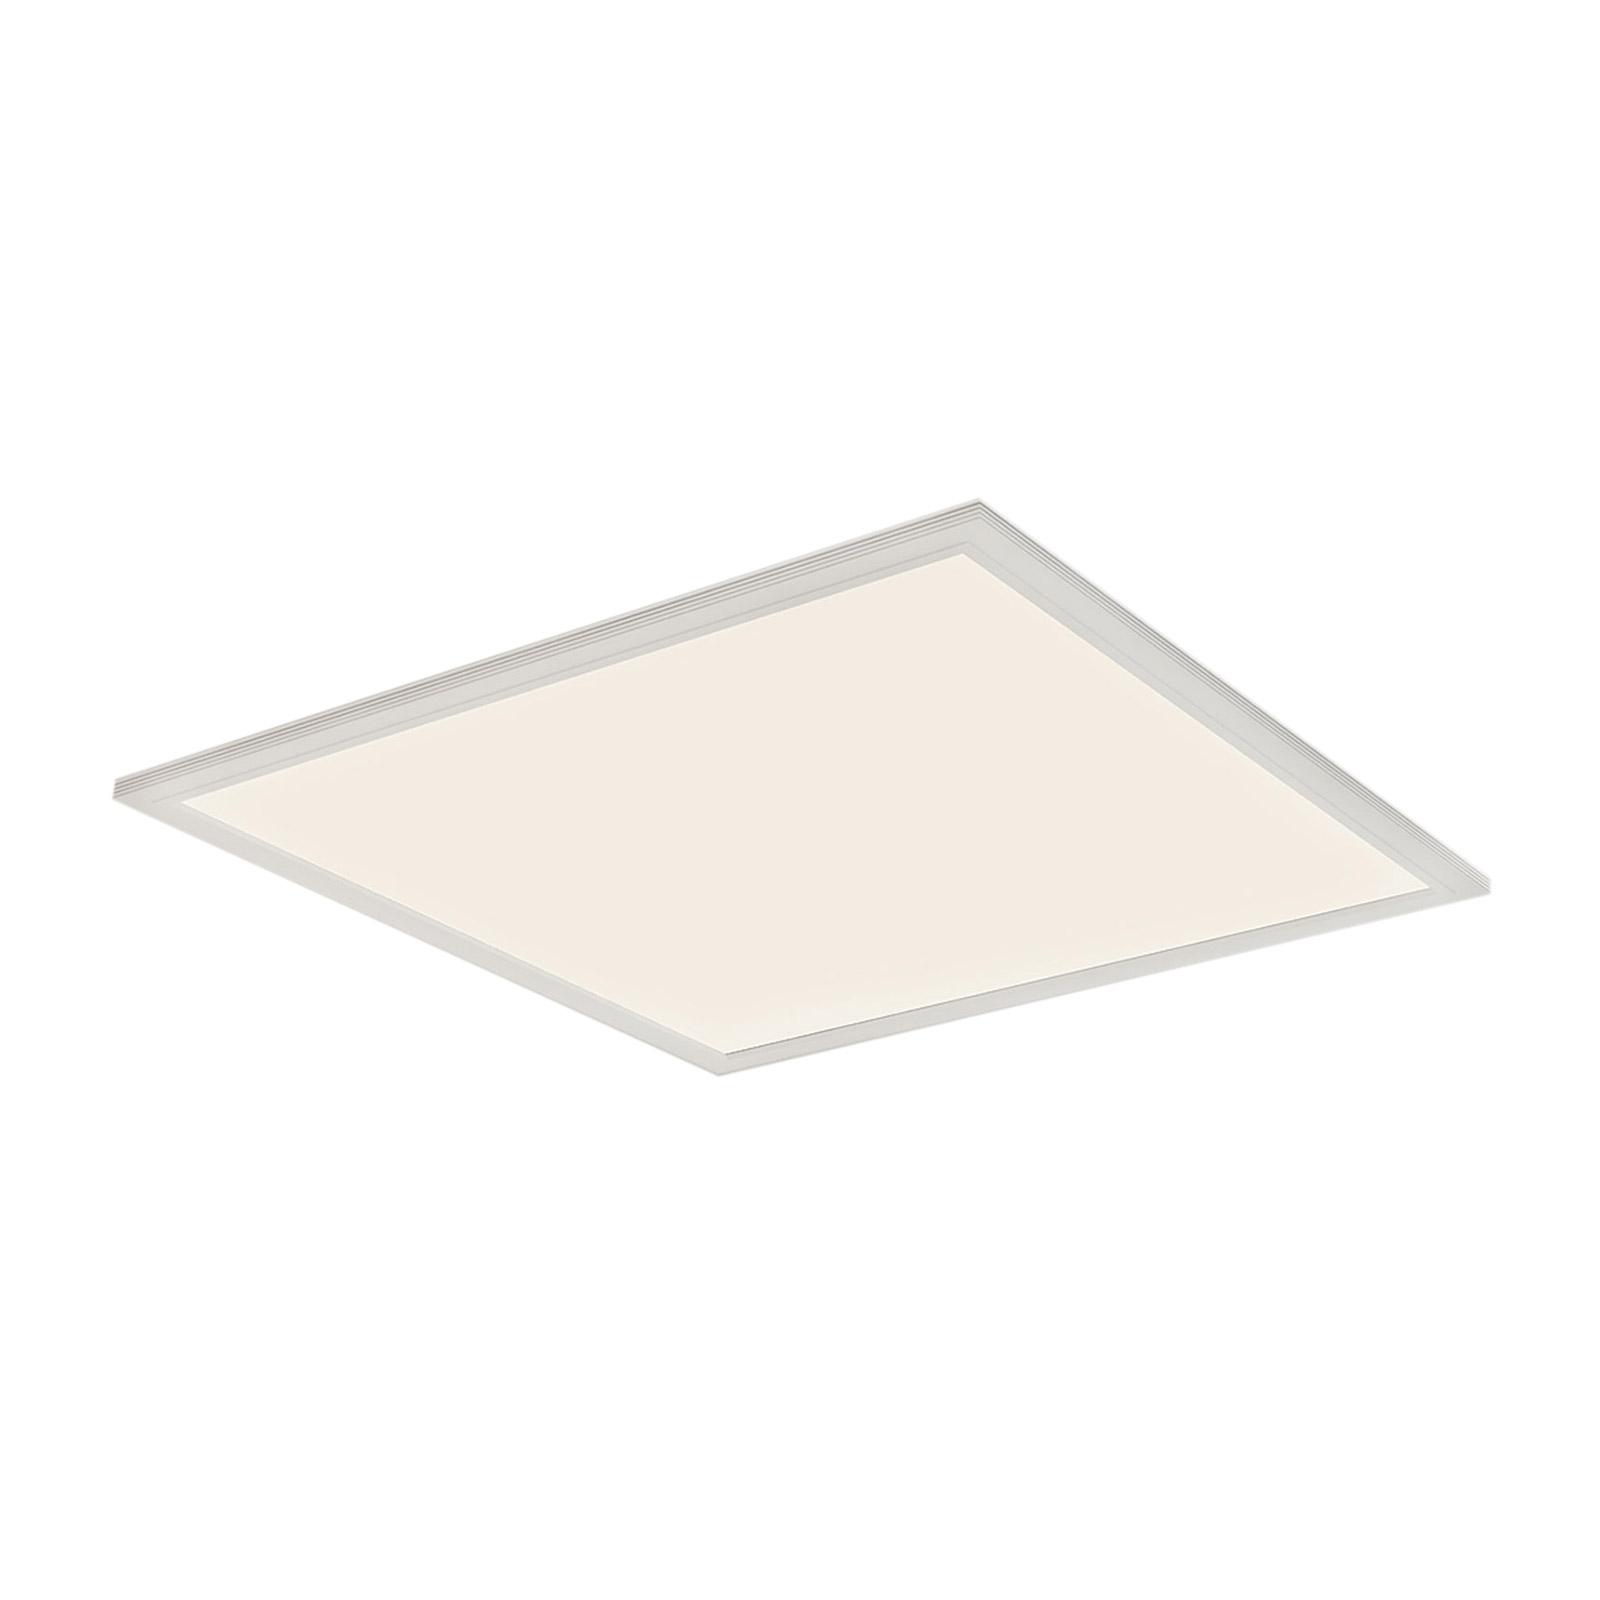 LED-taklampe 7188-016 med sensor, 59,5 x 59,5 cm